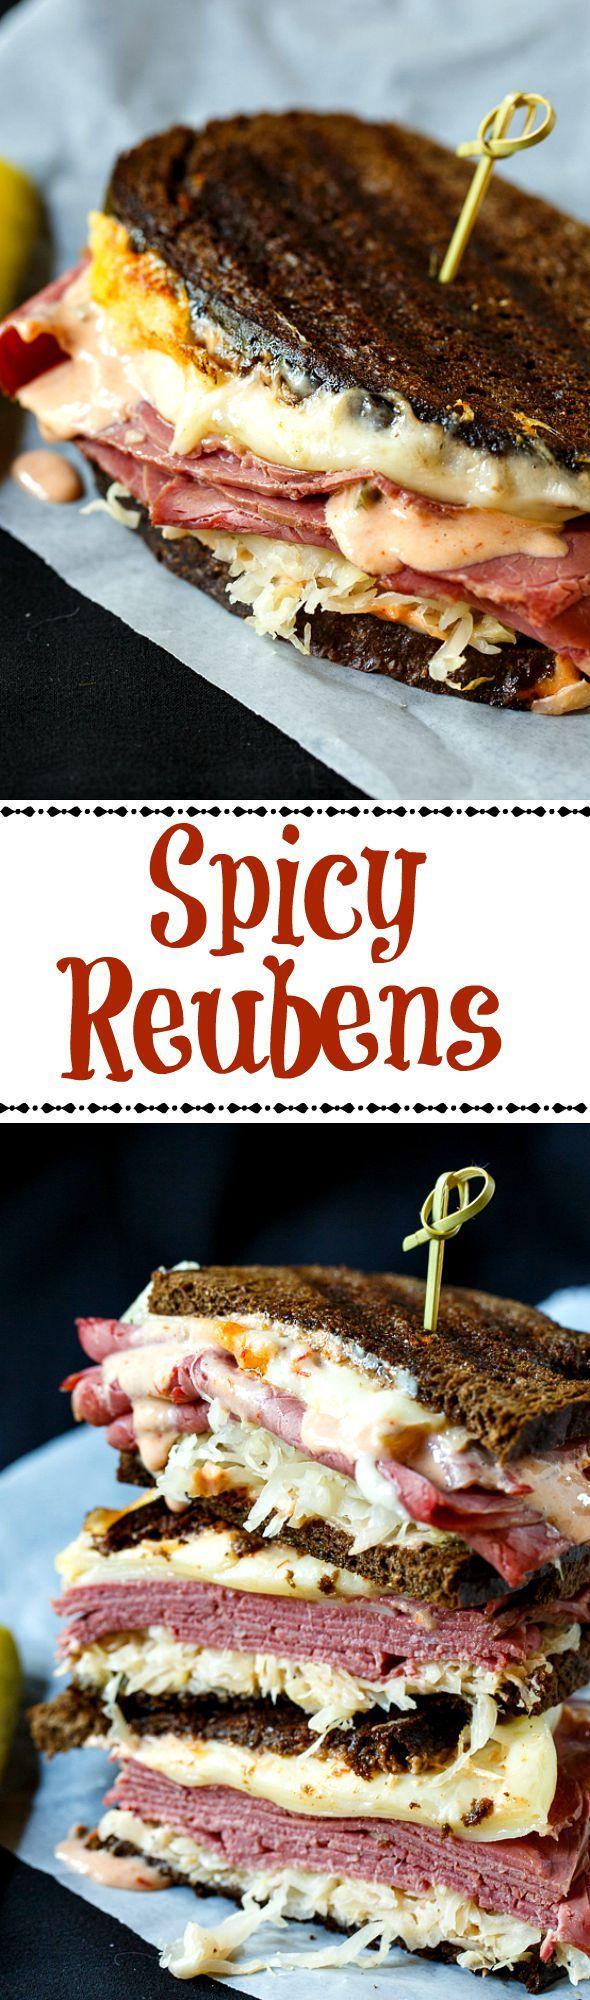 Spicy Reuben Sandwiches